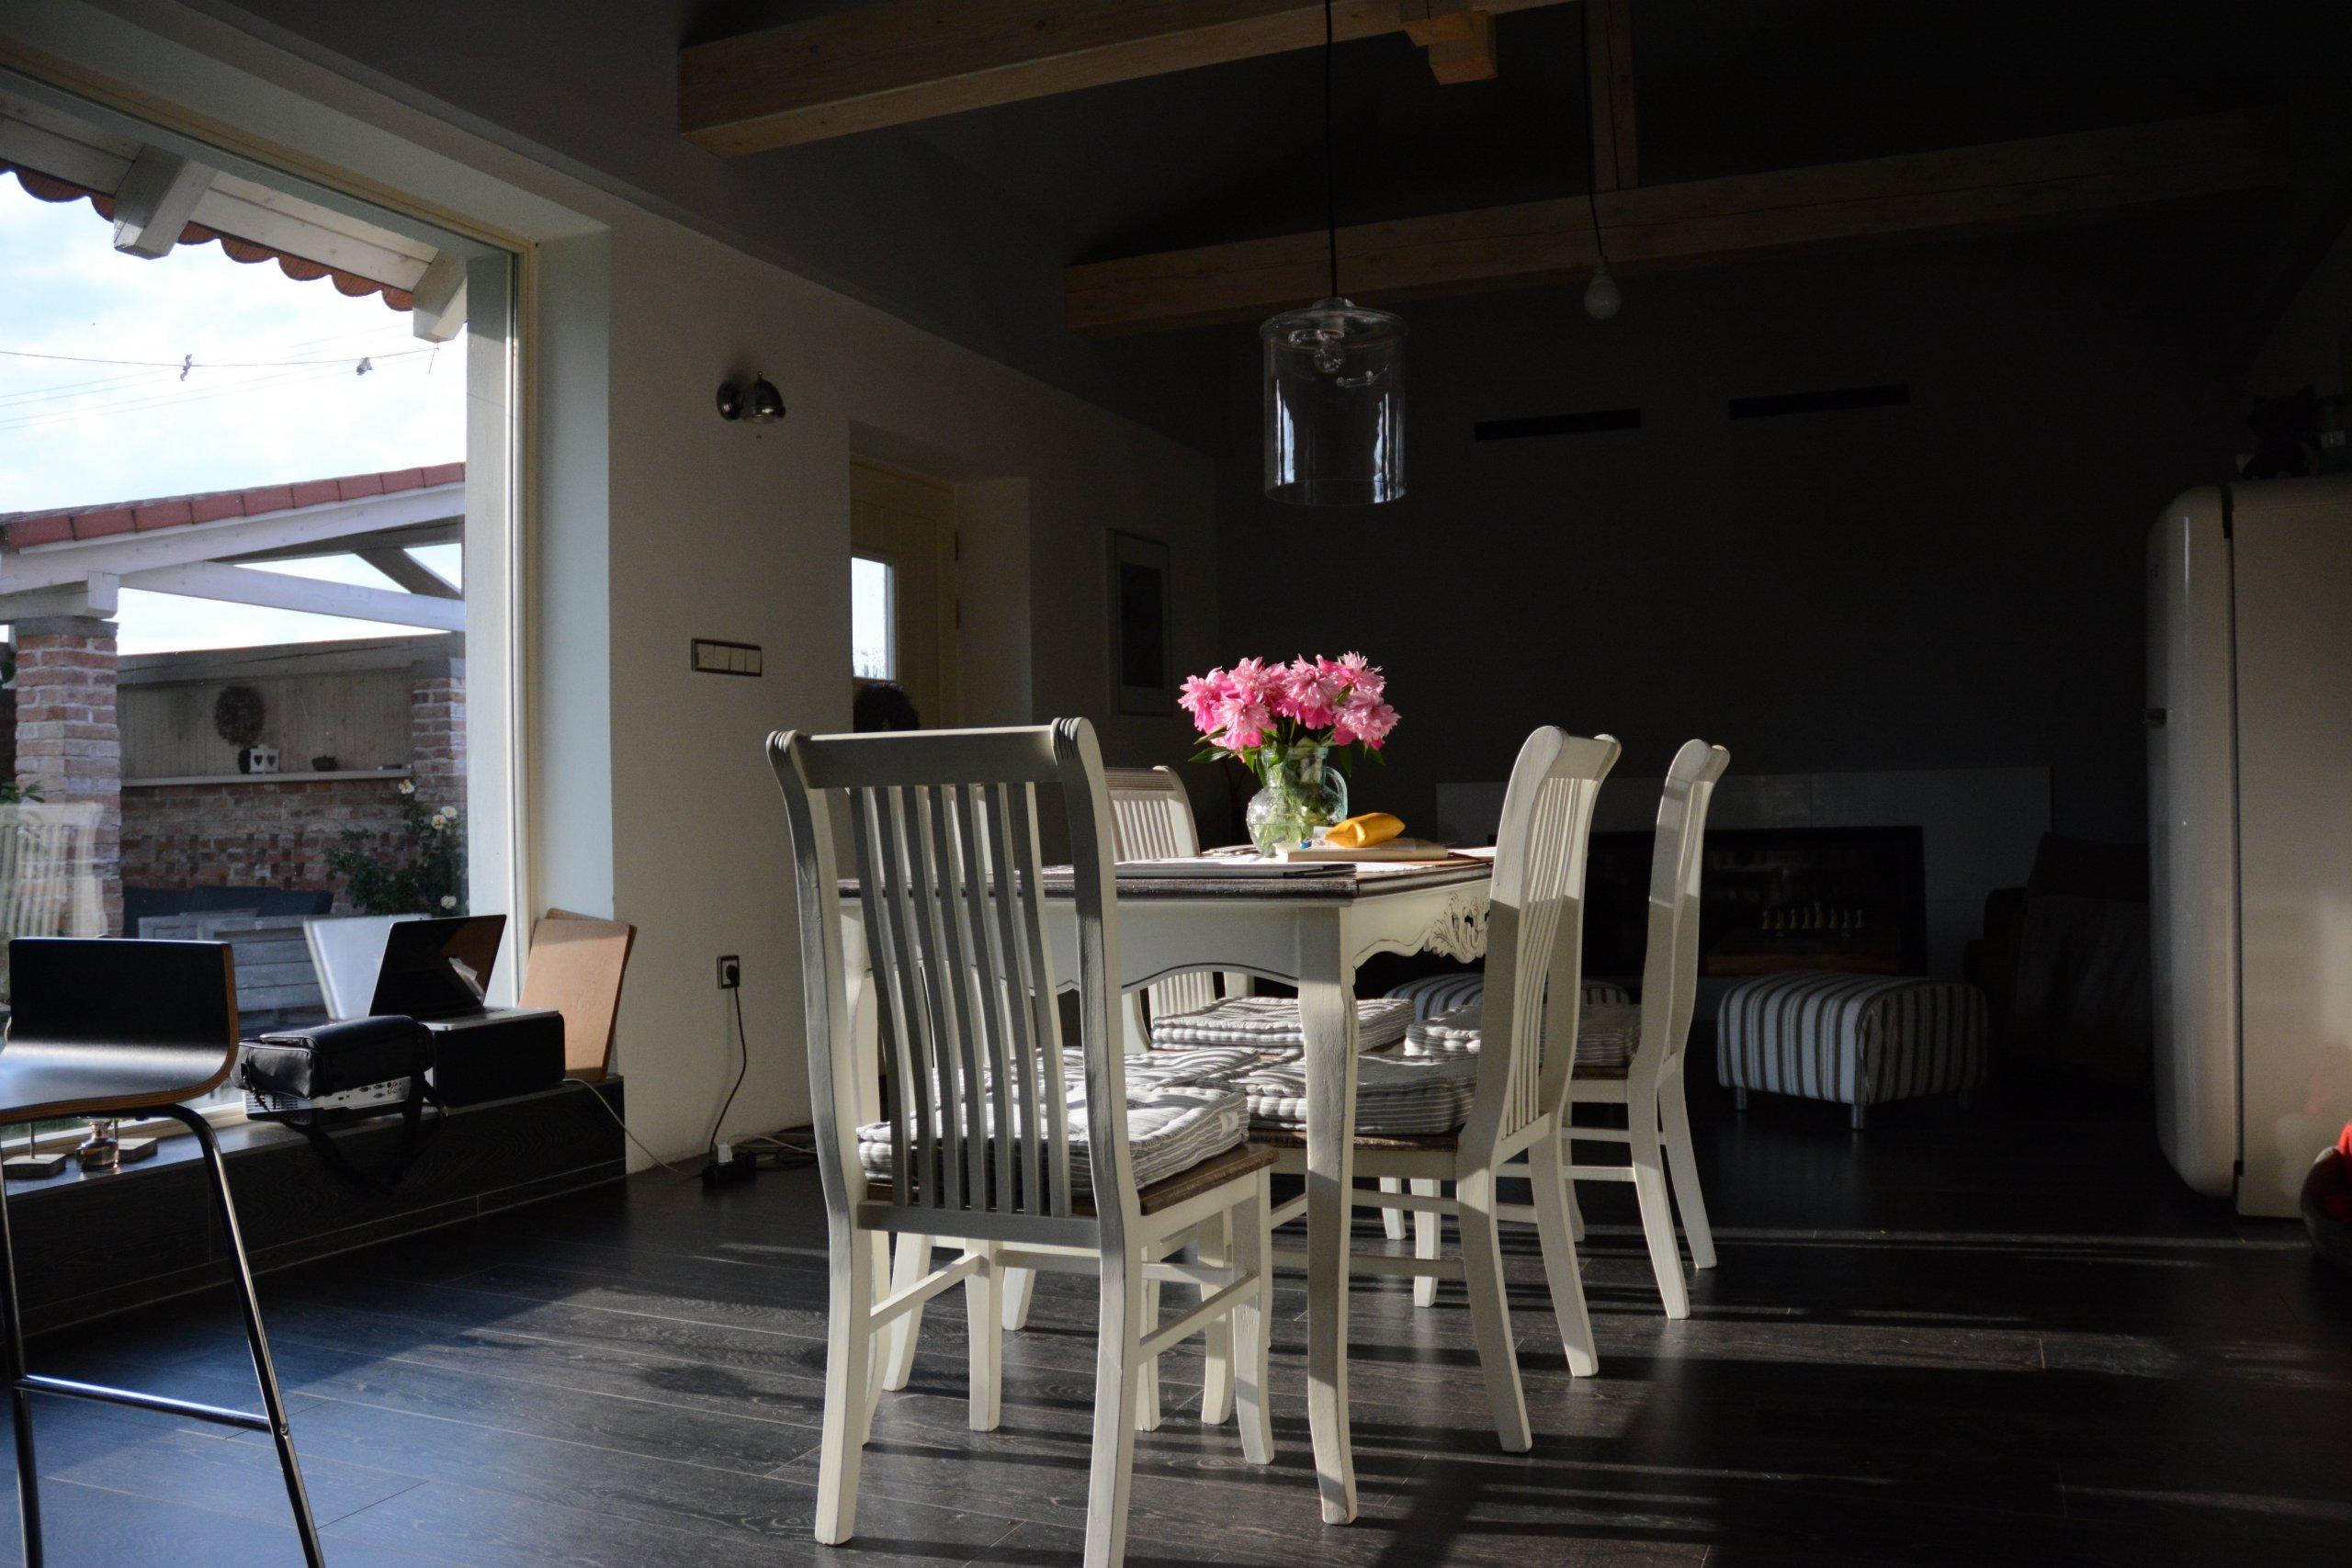 Jídelný stůl je postavený tak, aby bylo co nejlépe vidět ven. Lidé se pak stávají prakticky součástí okolní přírody.